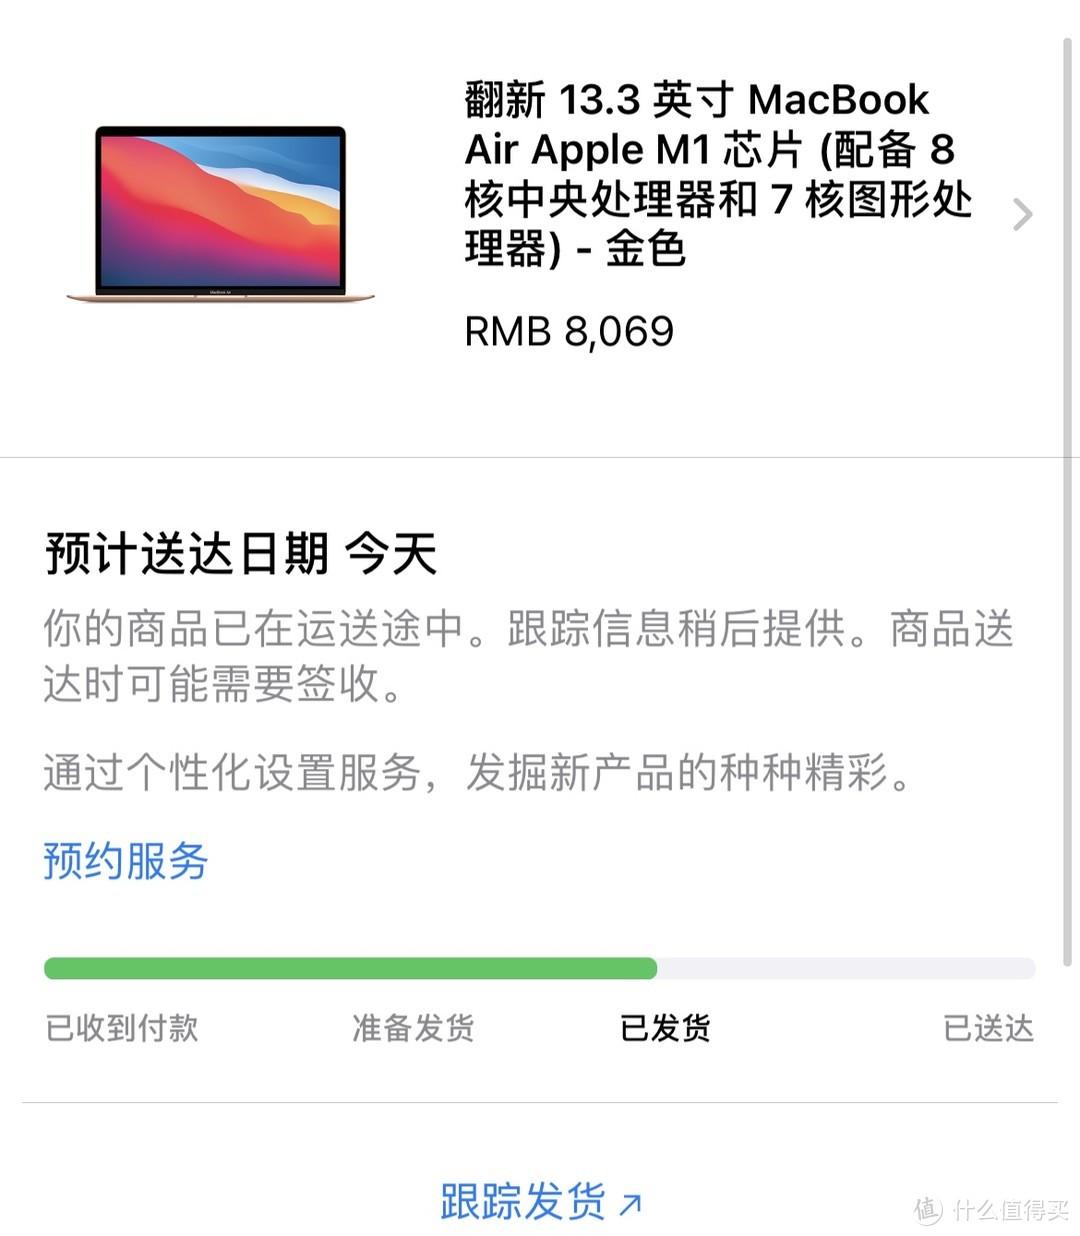 官翻Macbook air M1 16G版评测,价格真便宜,Coder神器,真香啊